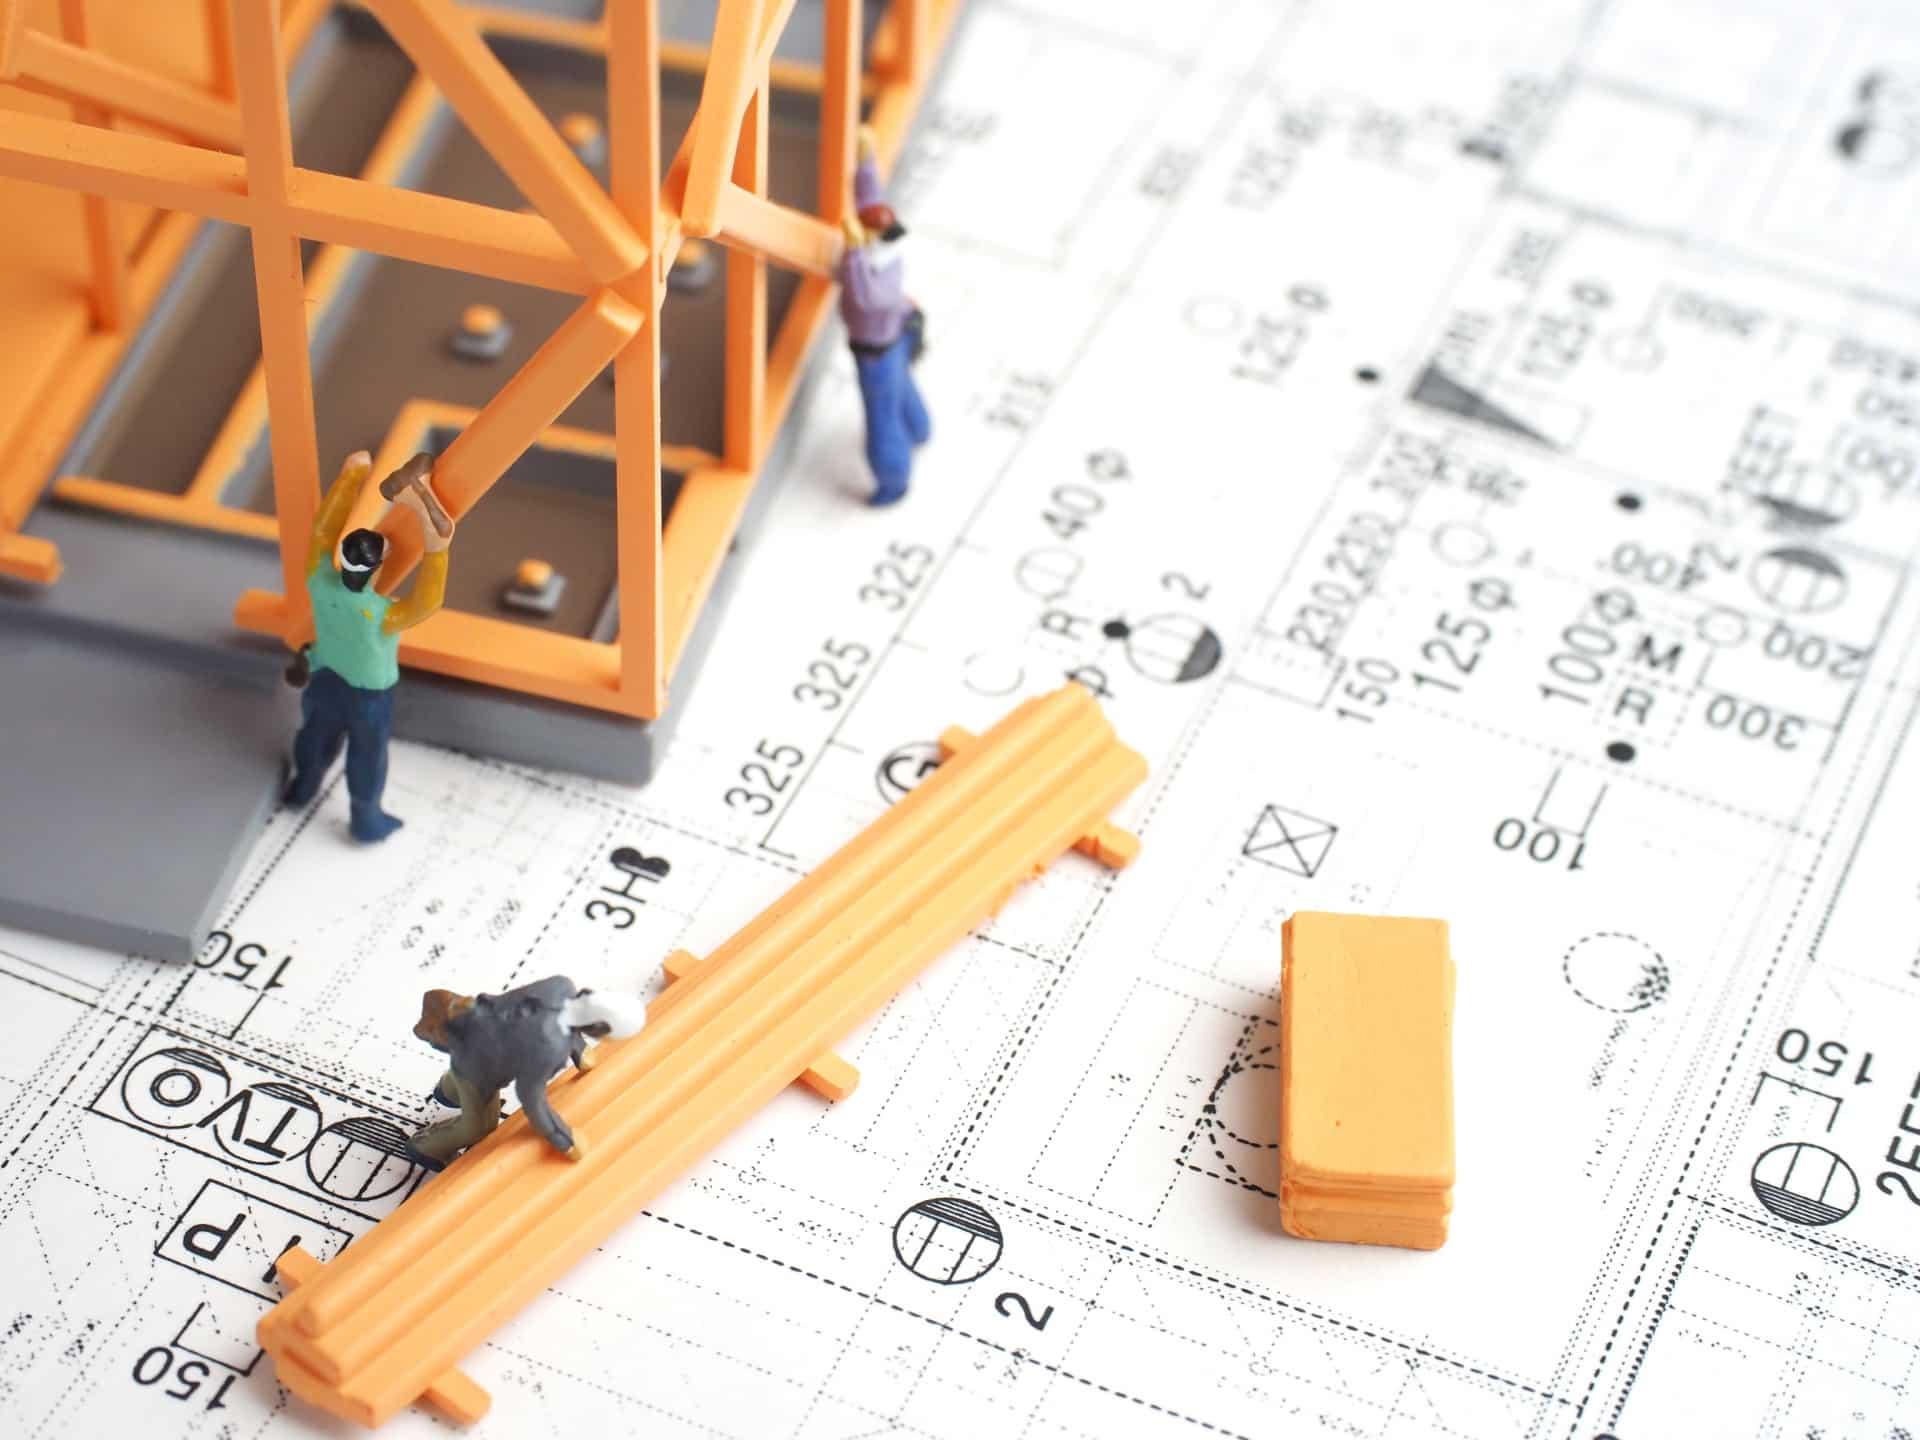 一級建築士と施工管理技士